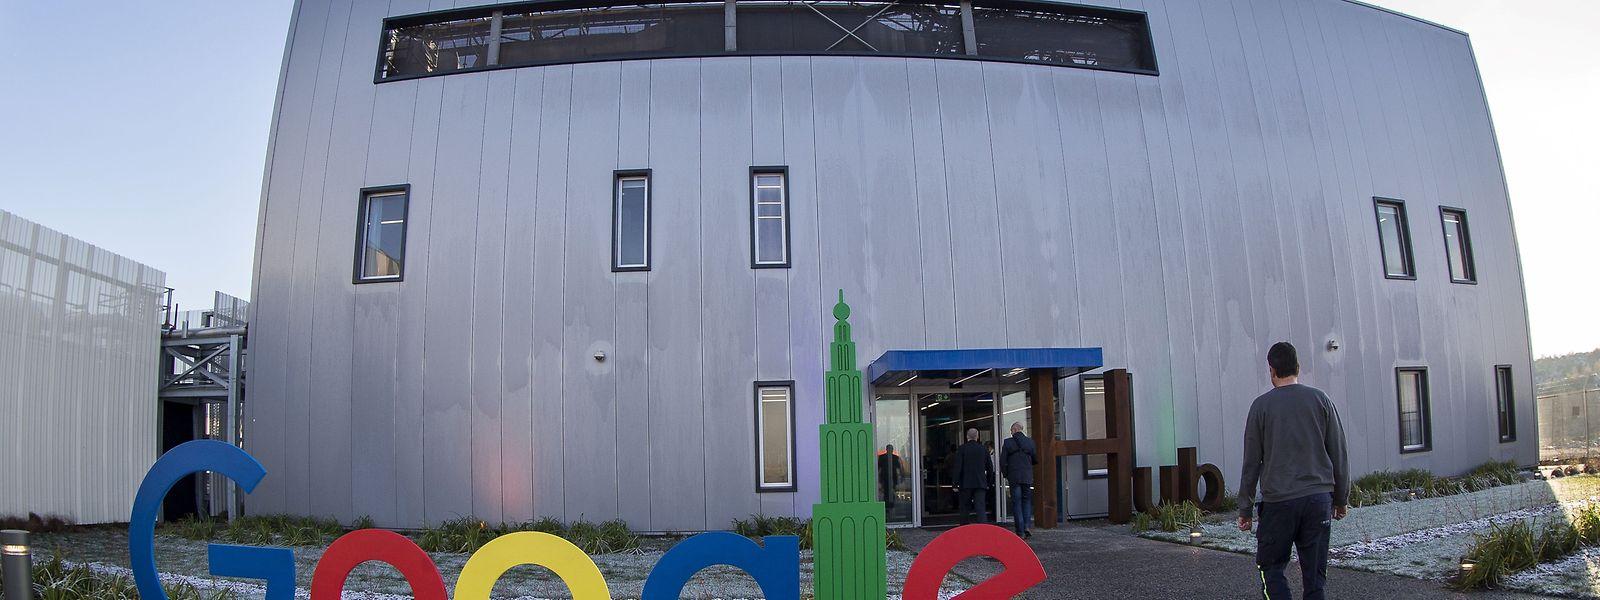 O Luxemburgo já perdeu duas corridas para a instalação da Google, mas quer garantir que à terceira ganha